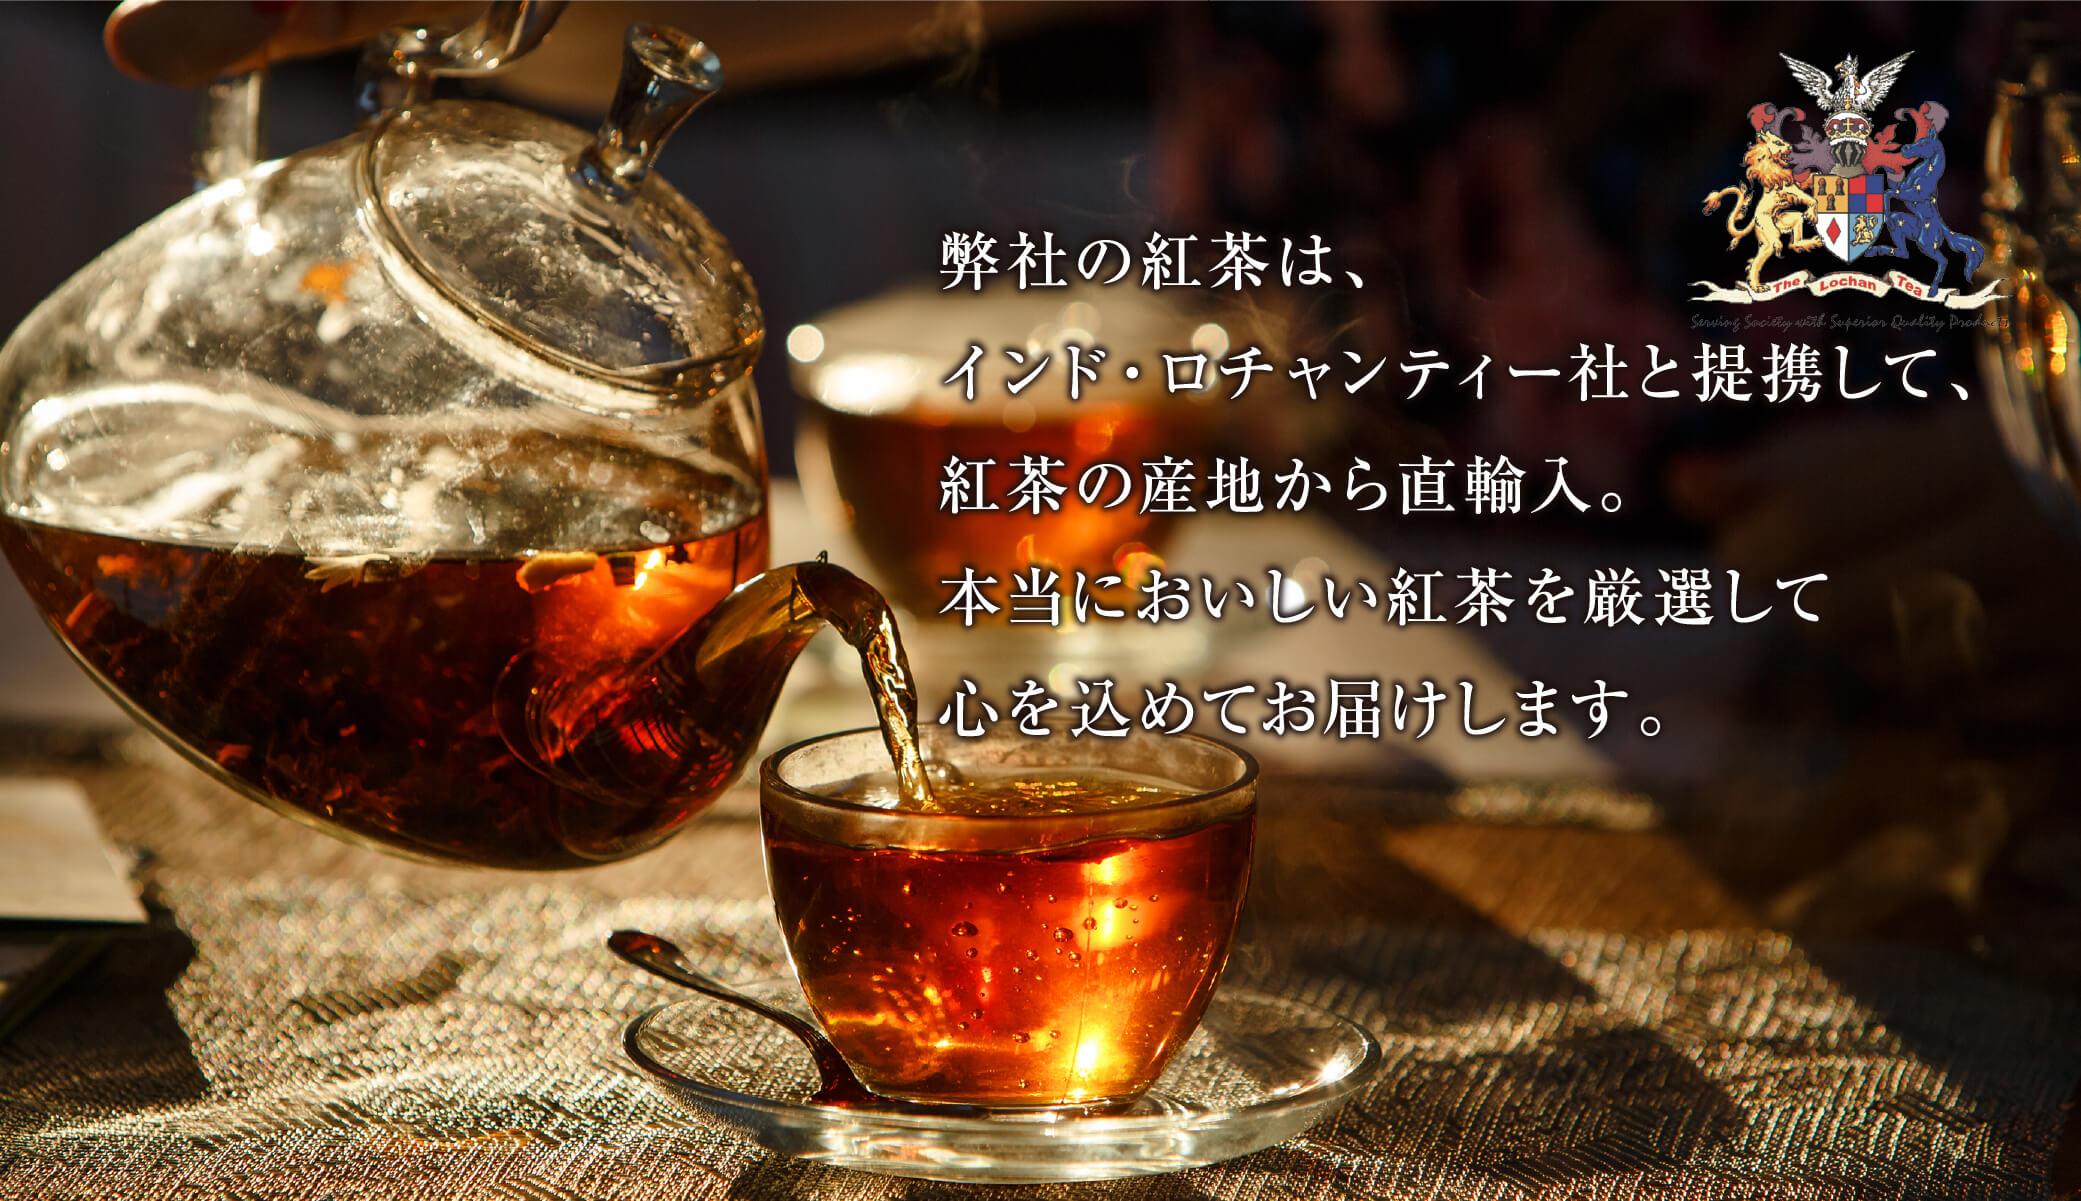 弊社の紅茶は、インド・ロチャンティー社と提携して、 紅茶の産地から直輸入。 本当においしい紅茶を厳選して 心を込めてお届けします。紅茶をカップに注ぐ写真